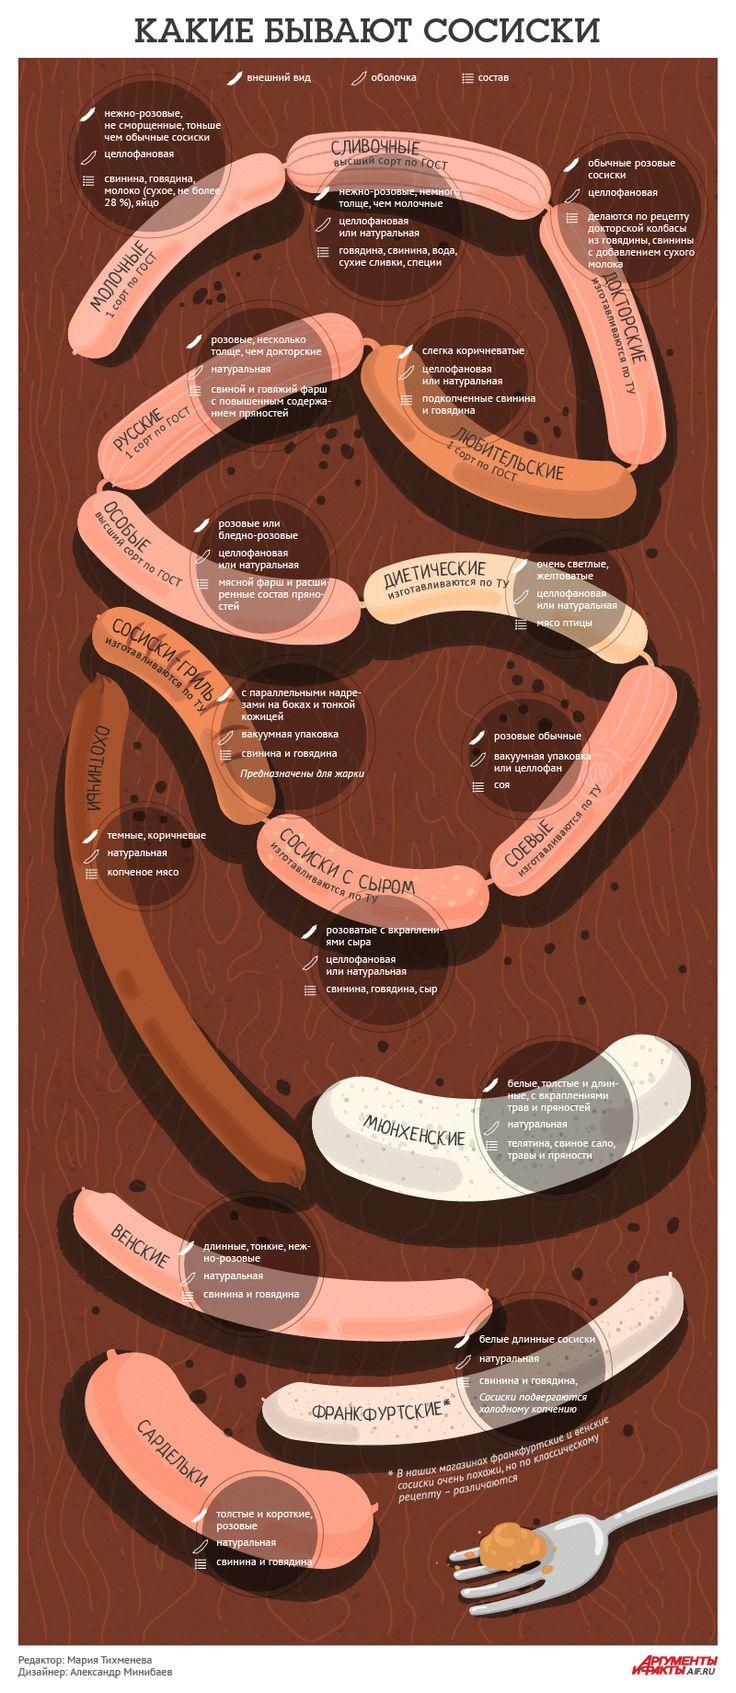 Какими бывают сосиски и чем они различаются? Инфографика | Инфографика | Вопрос-Ответ | Аргументы и Факты